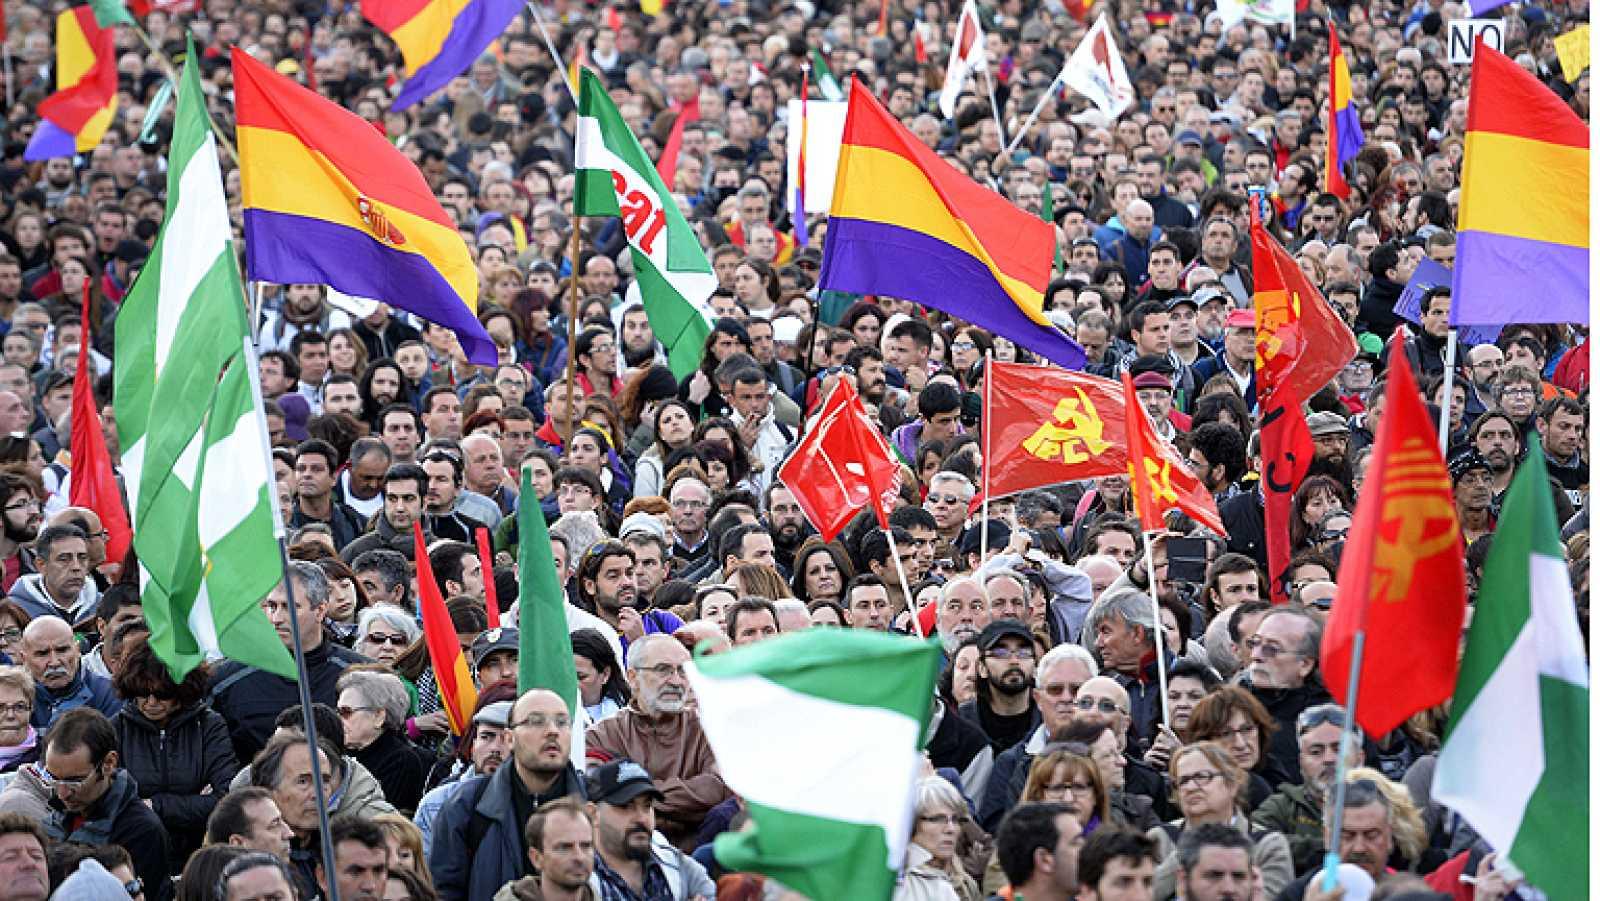 Multitudinaria manifestación en el centro de Madrid